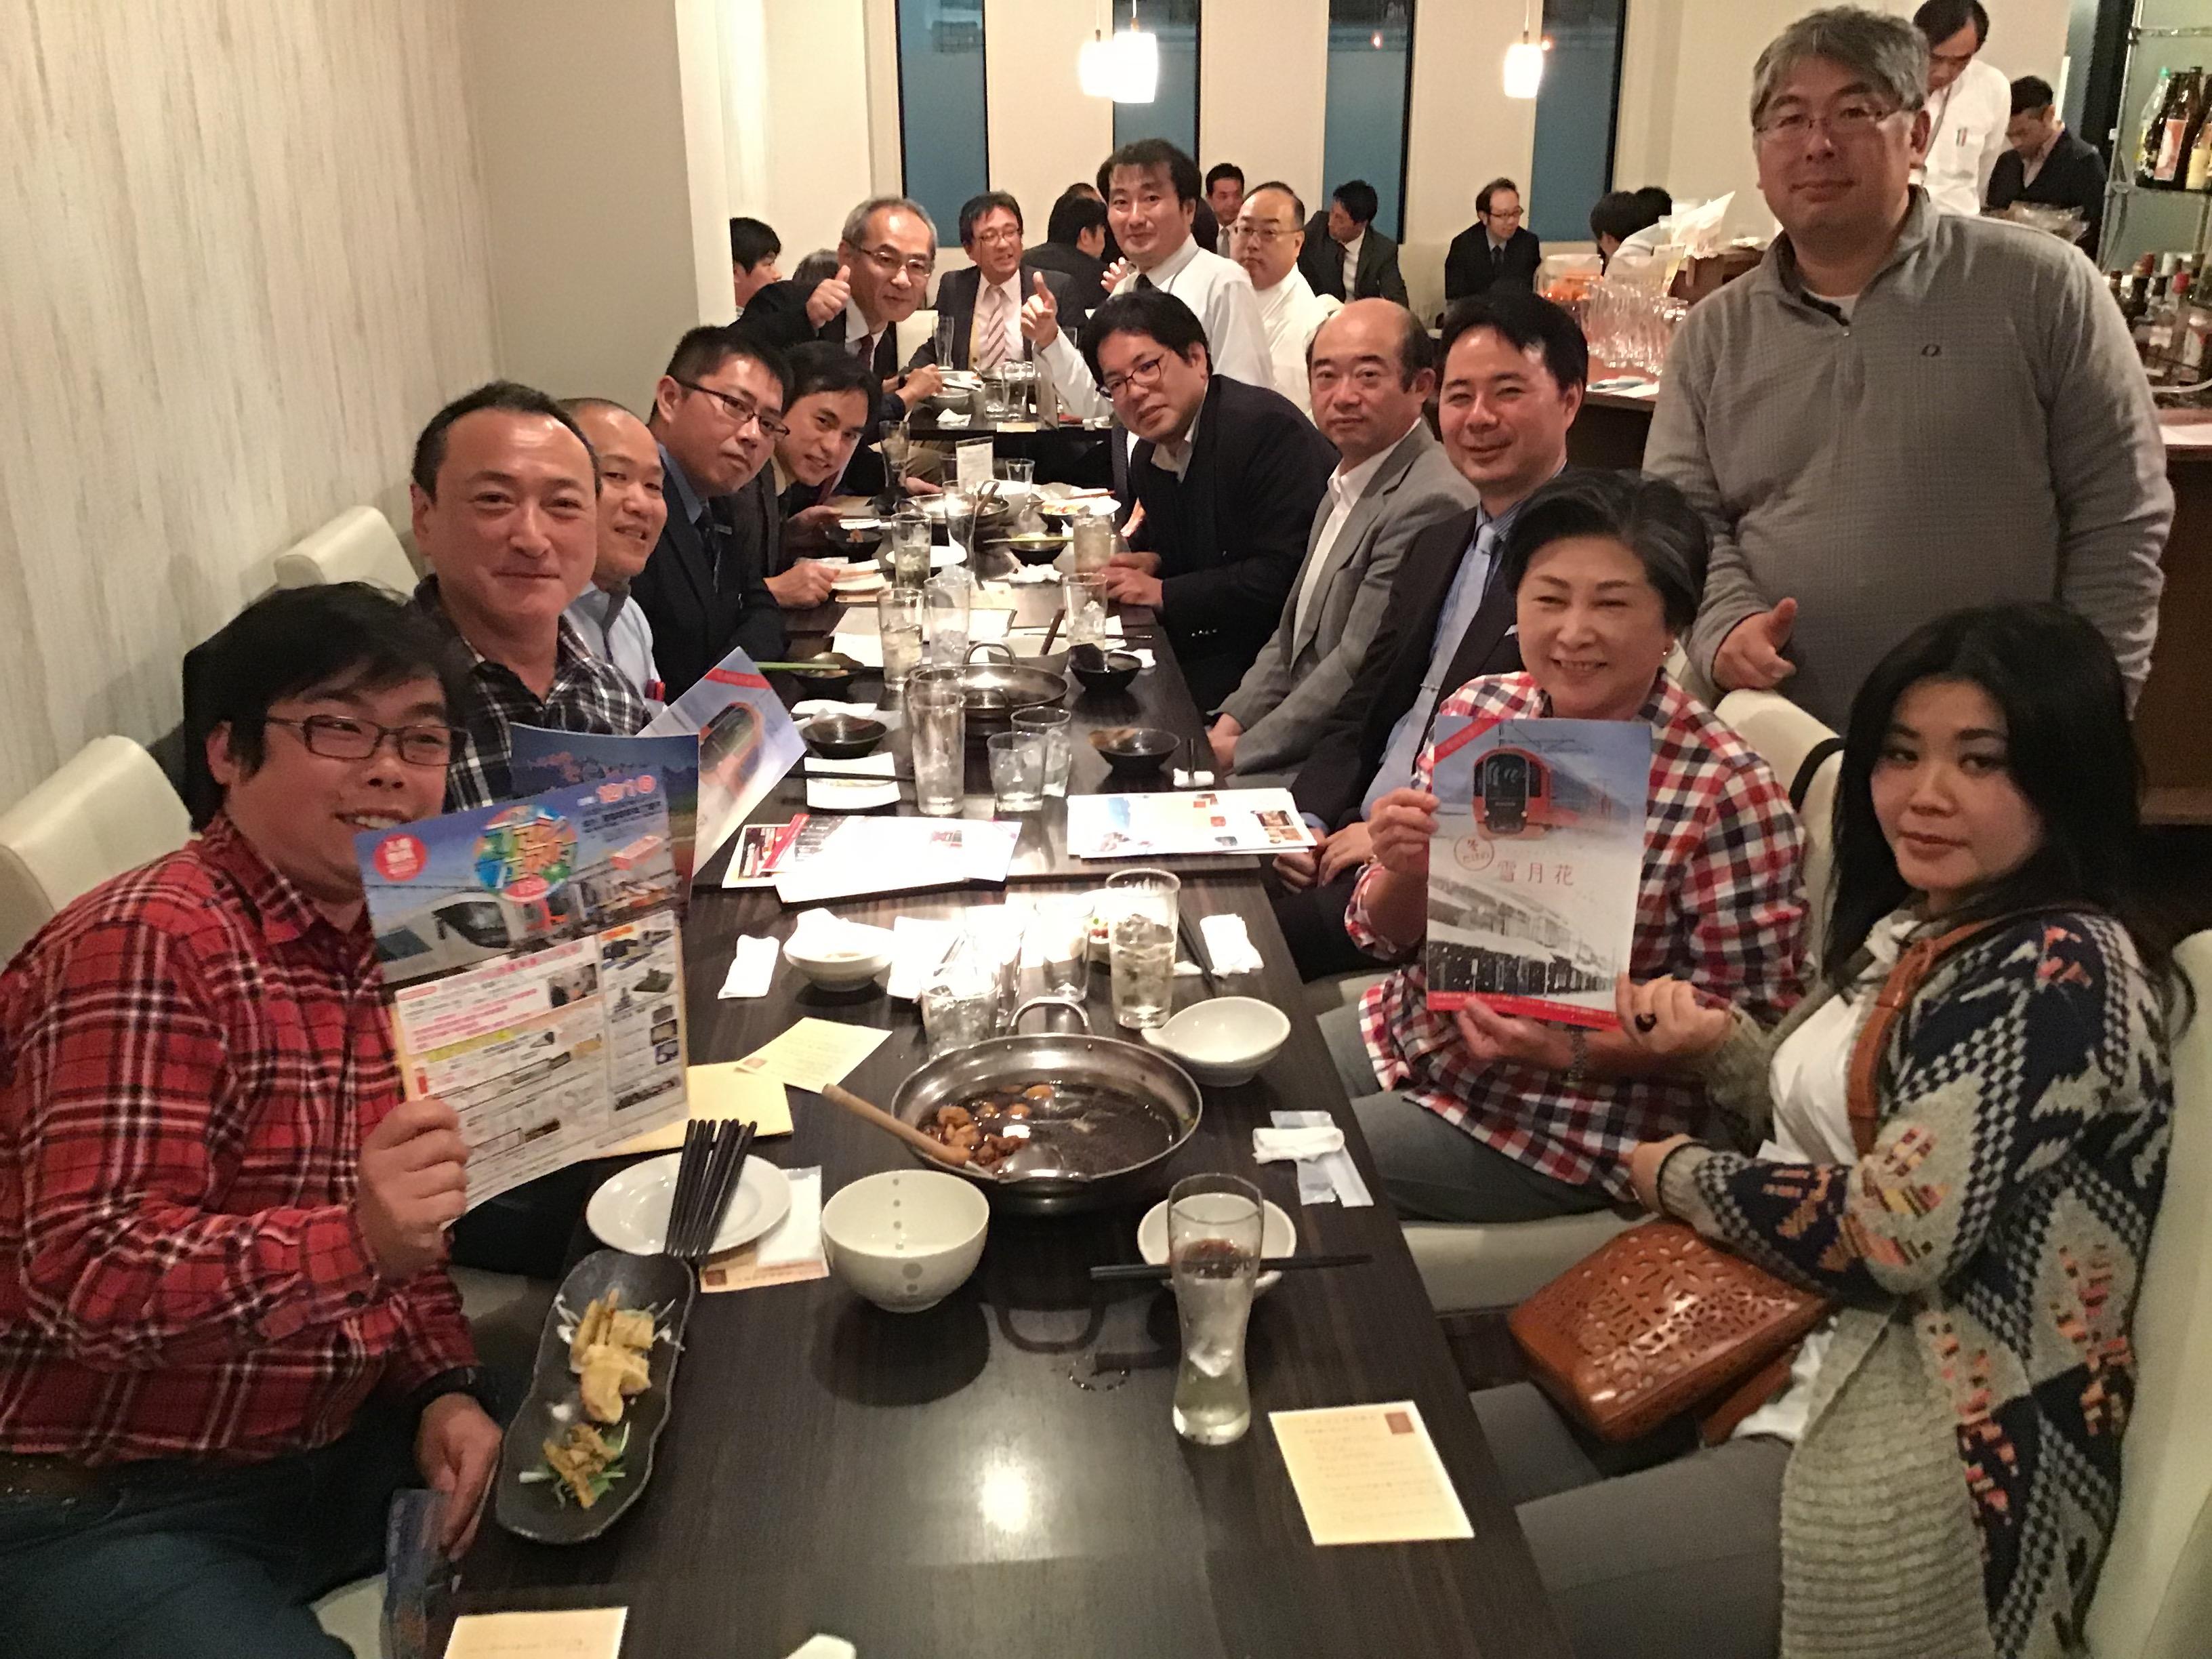 トキ鉄報告会@神田 on 1月10日 のお知らせ